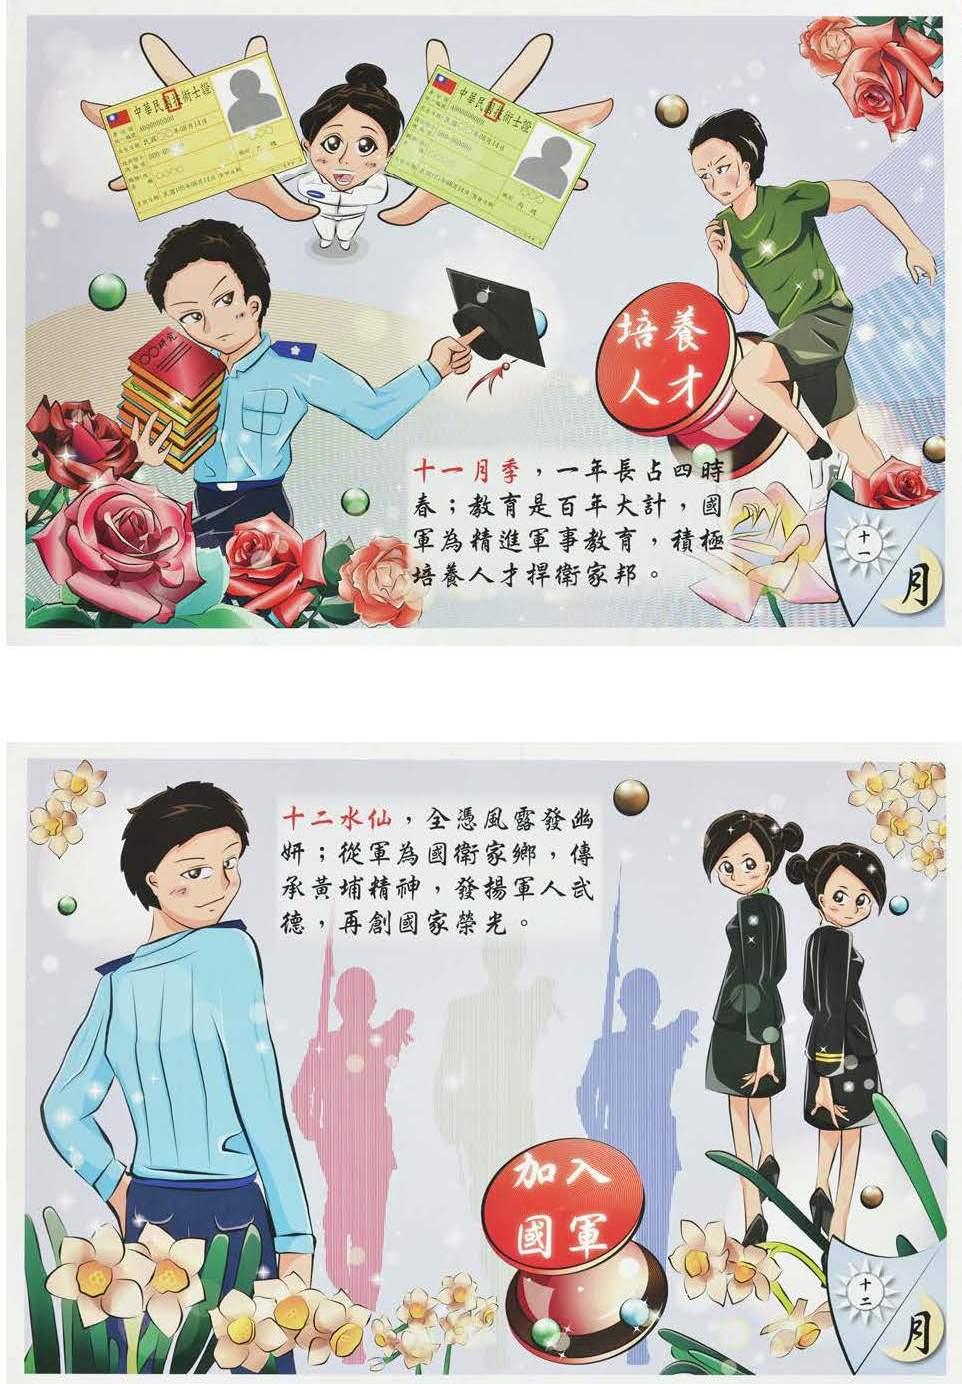 第50屆漫畫類銅像獎作品_傳承‧花月令7_蘇元津.jpg